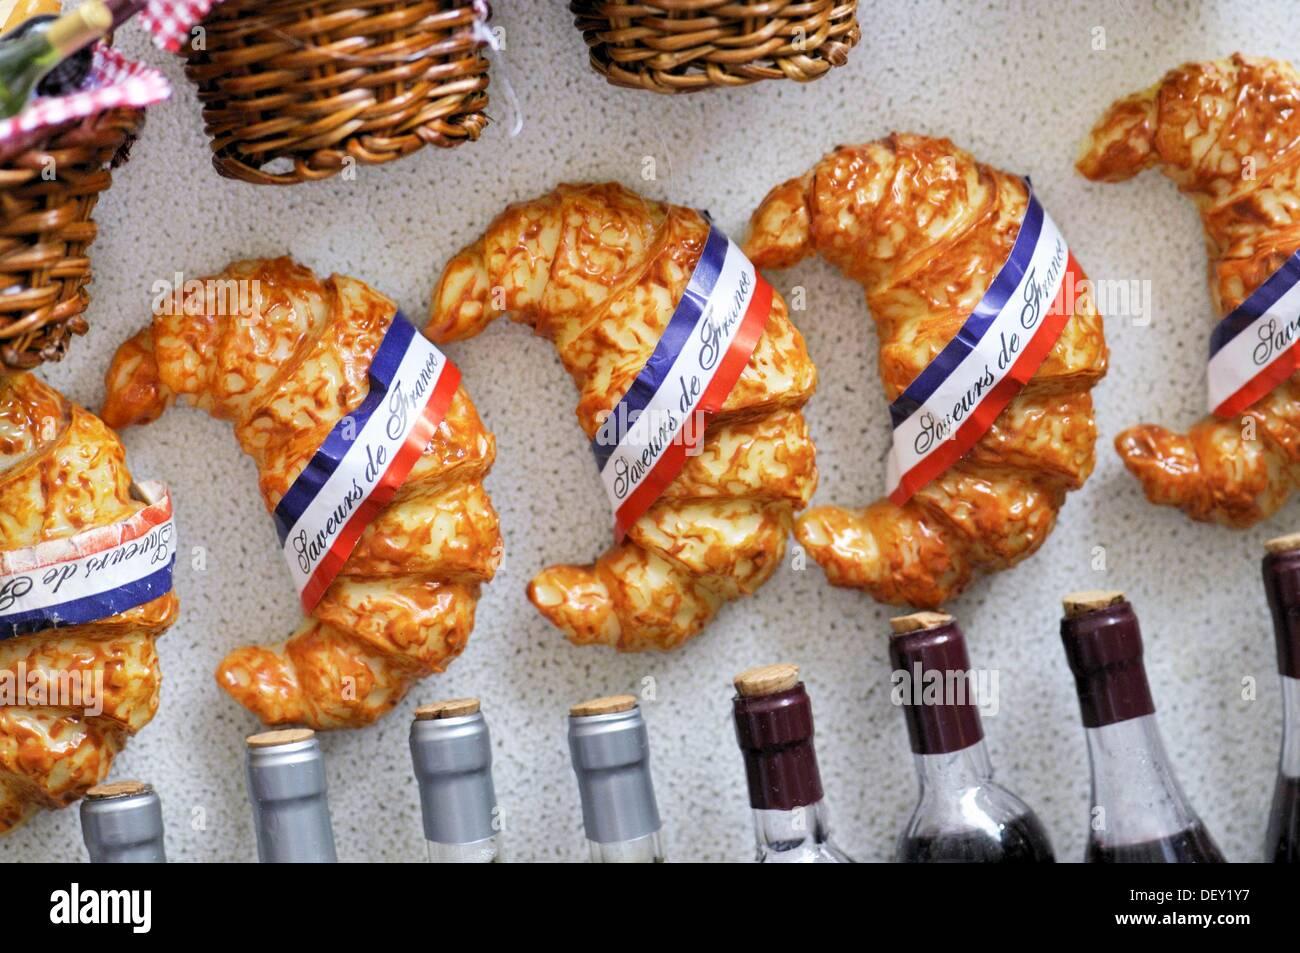 Paris souvenirs fridge magnets france stock photo royalty free paris souvenirs fridge magnets france publicscrutiny Images